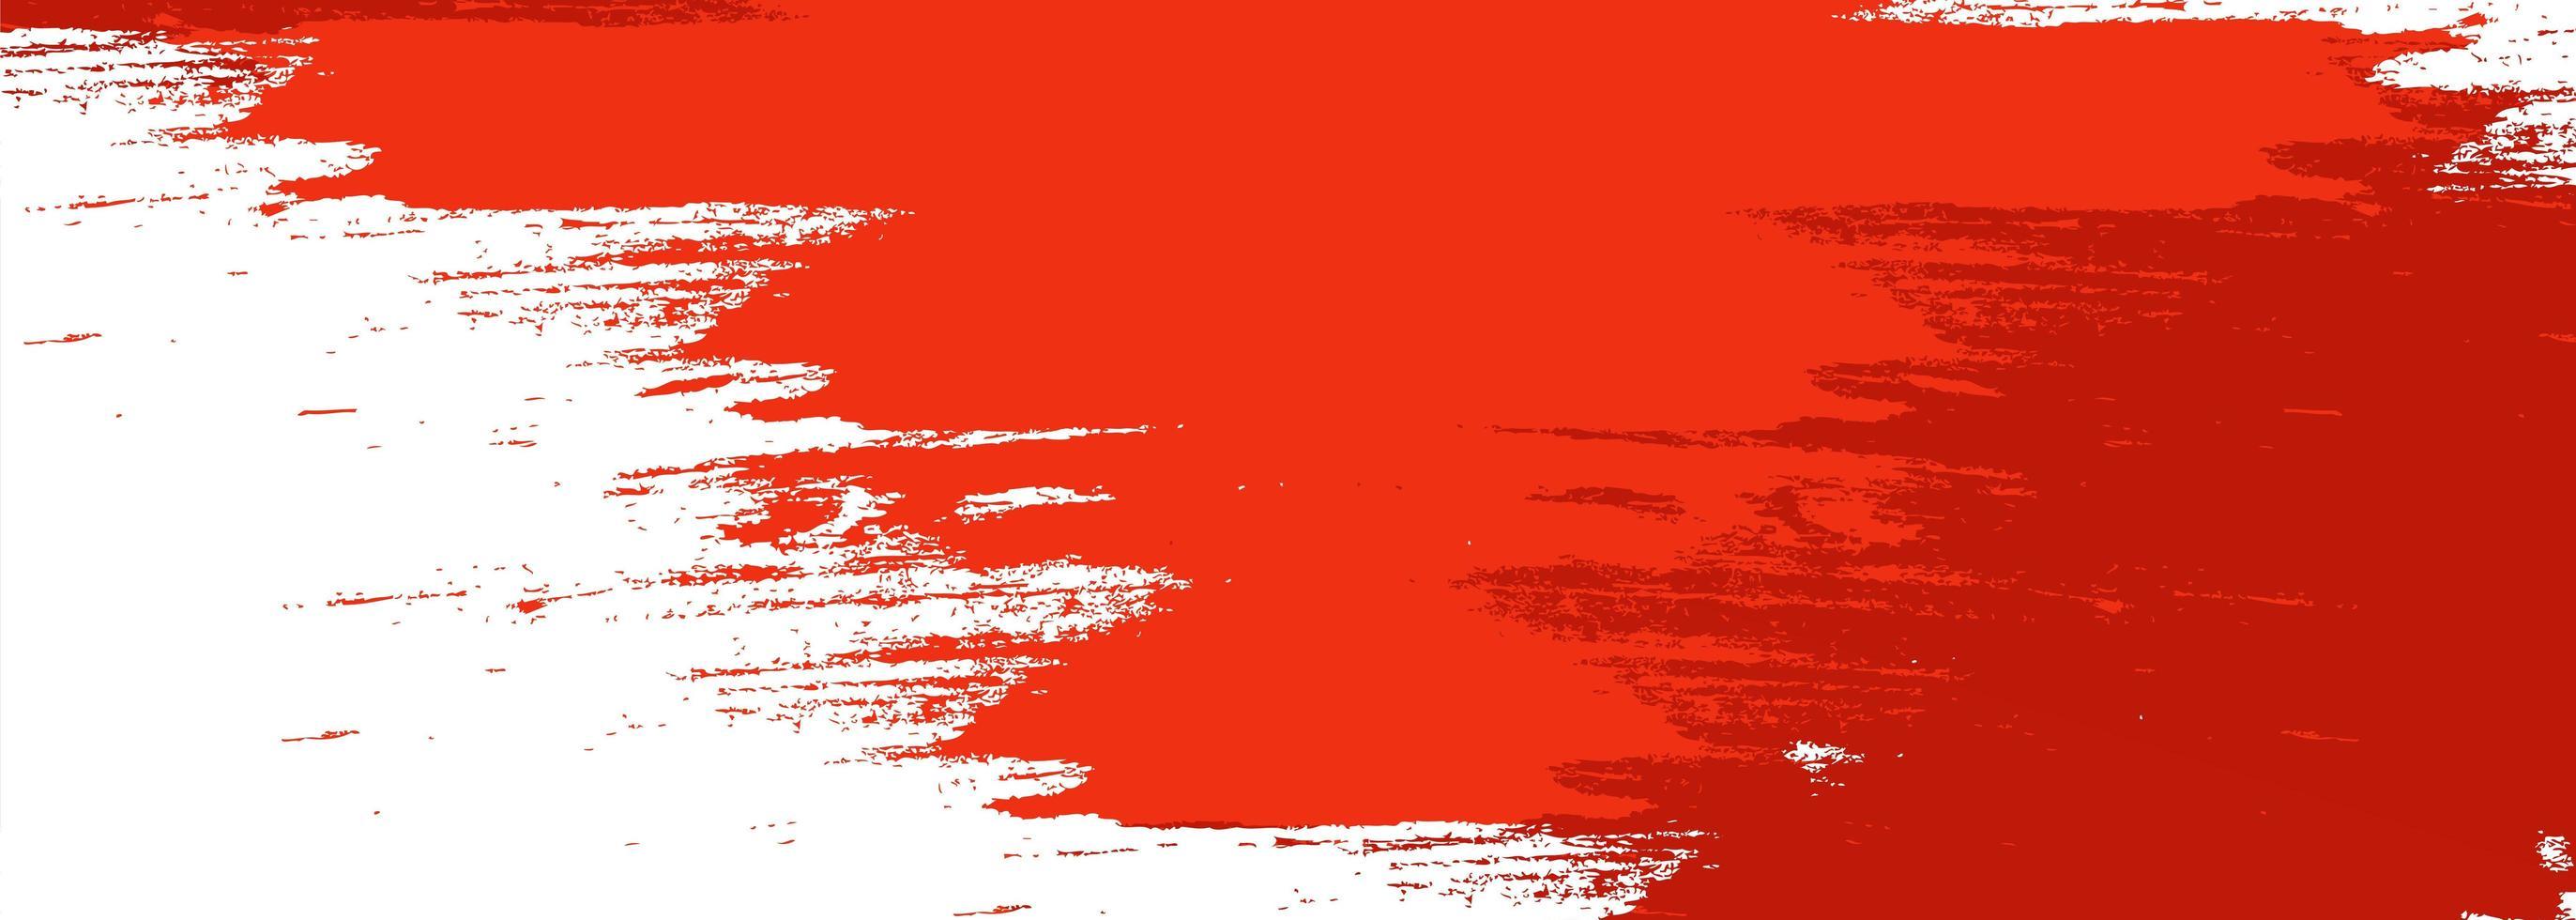 fond de bannière aquarelle pinceau rouge moderne vecteur